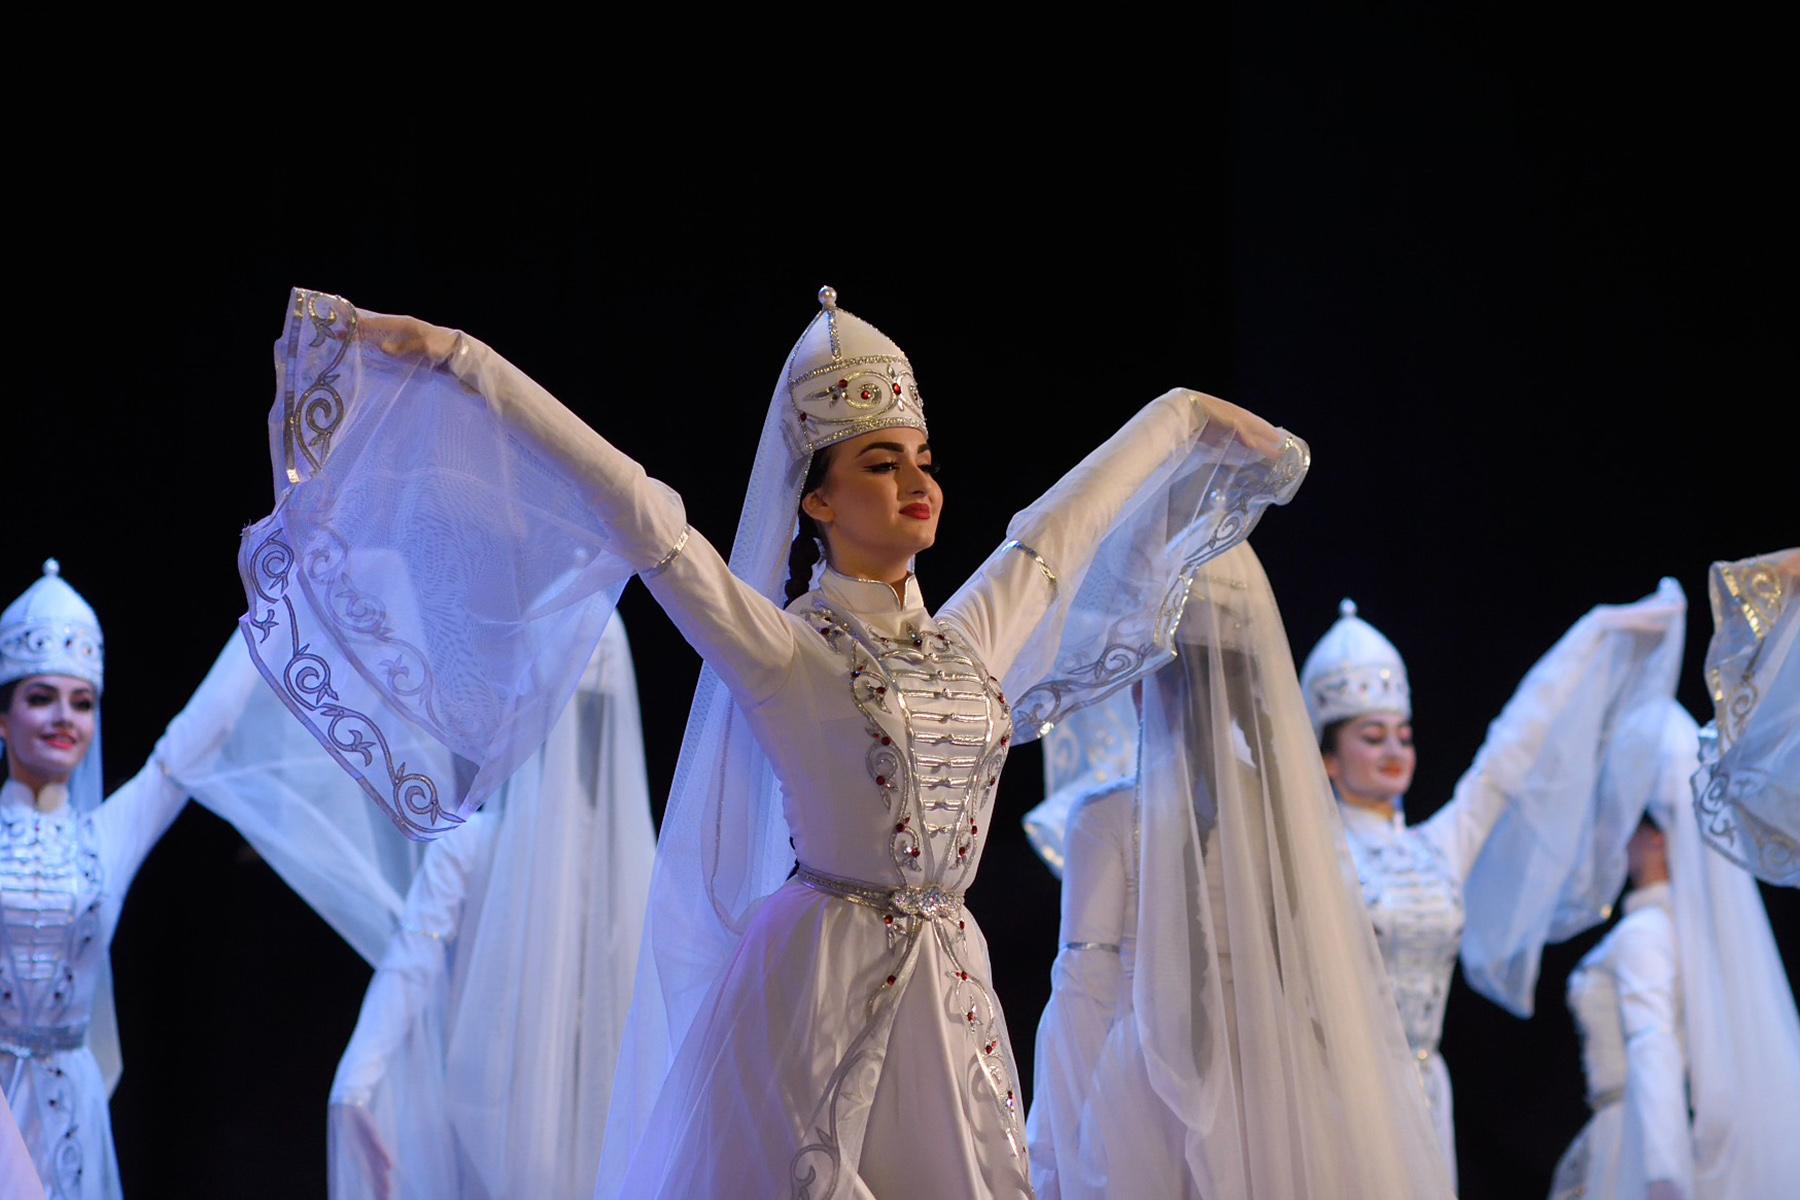 Фестиваль-конкурс «Черкешенка» пройдет в Адыгее в октябре